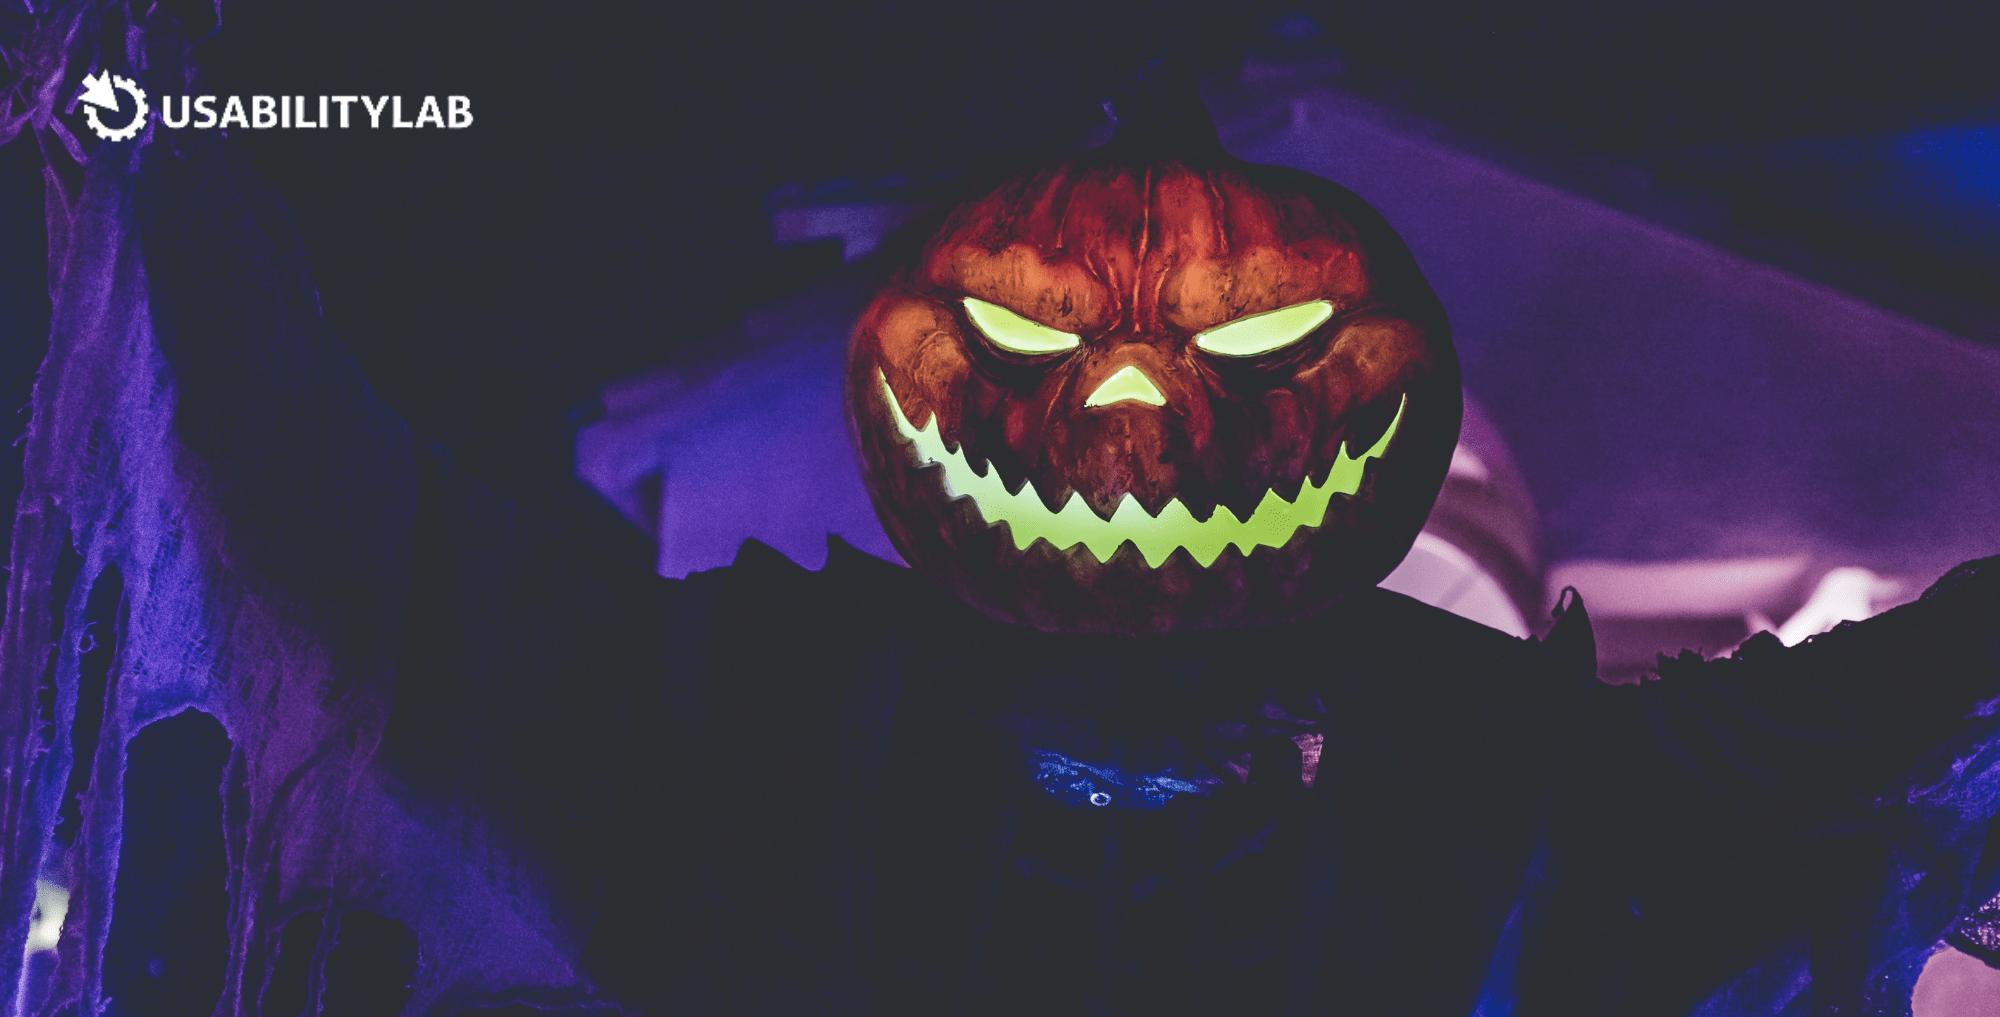 Чем сайты с костюмами на Хэллоуин пугают посетителей